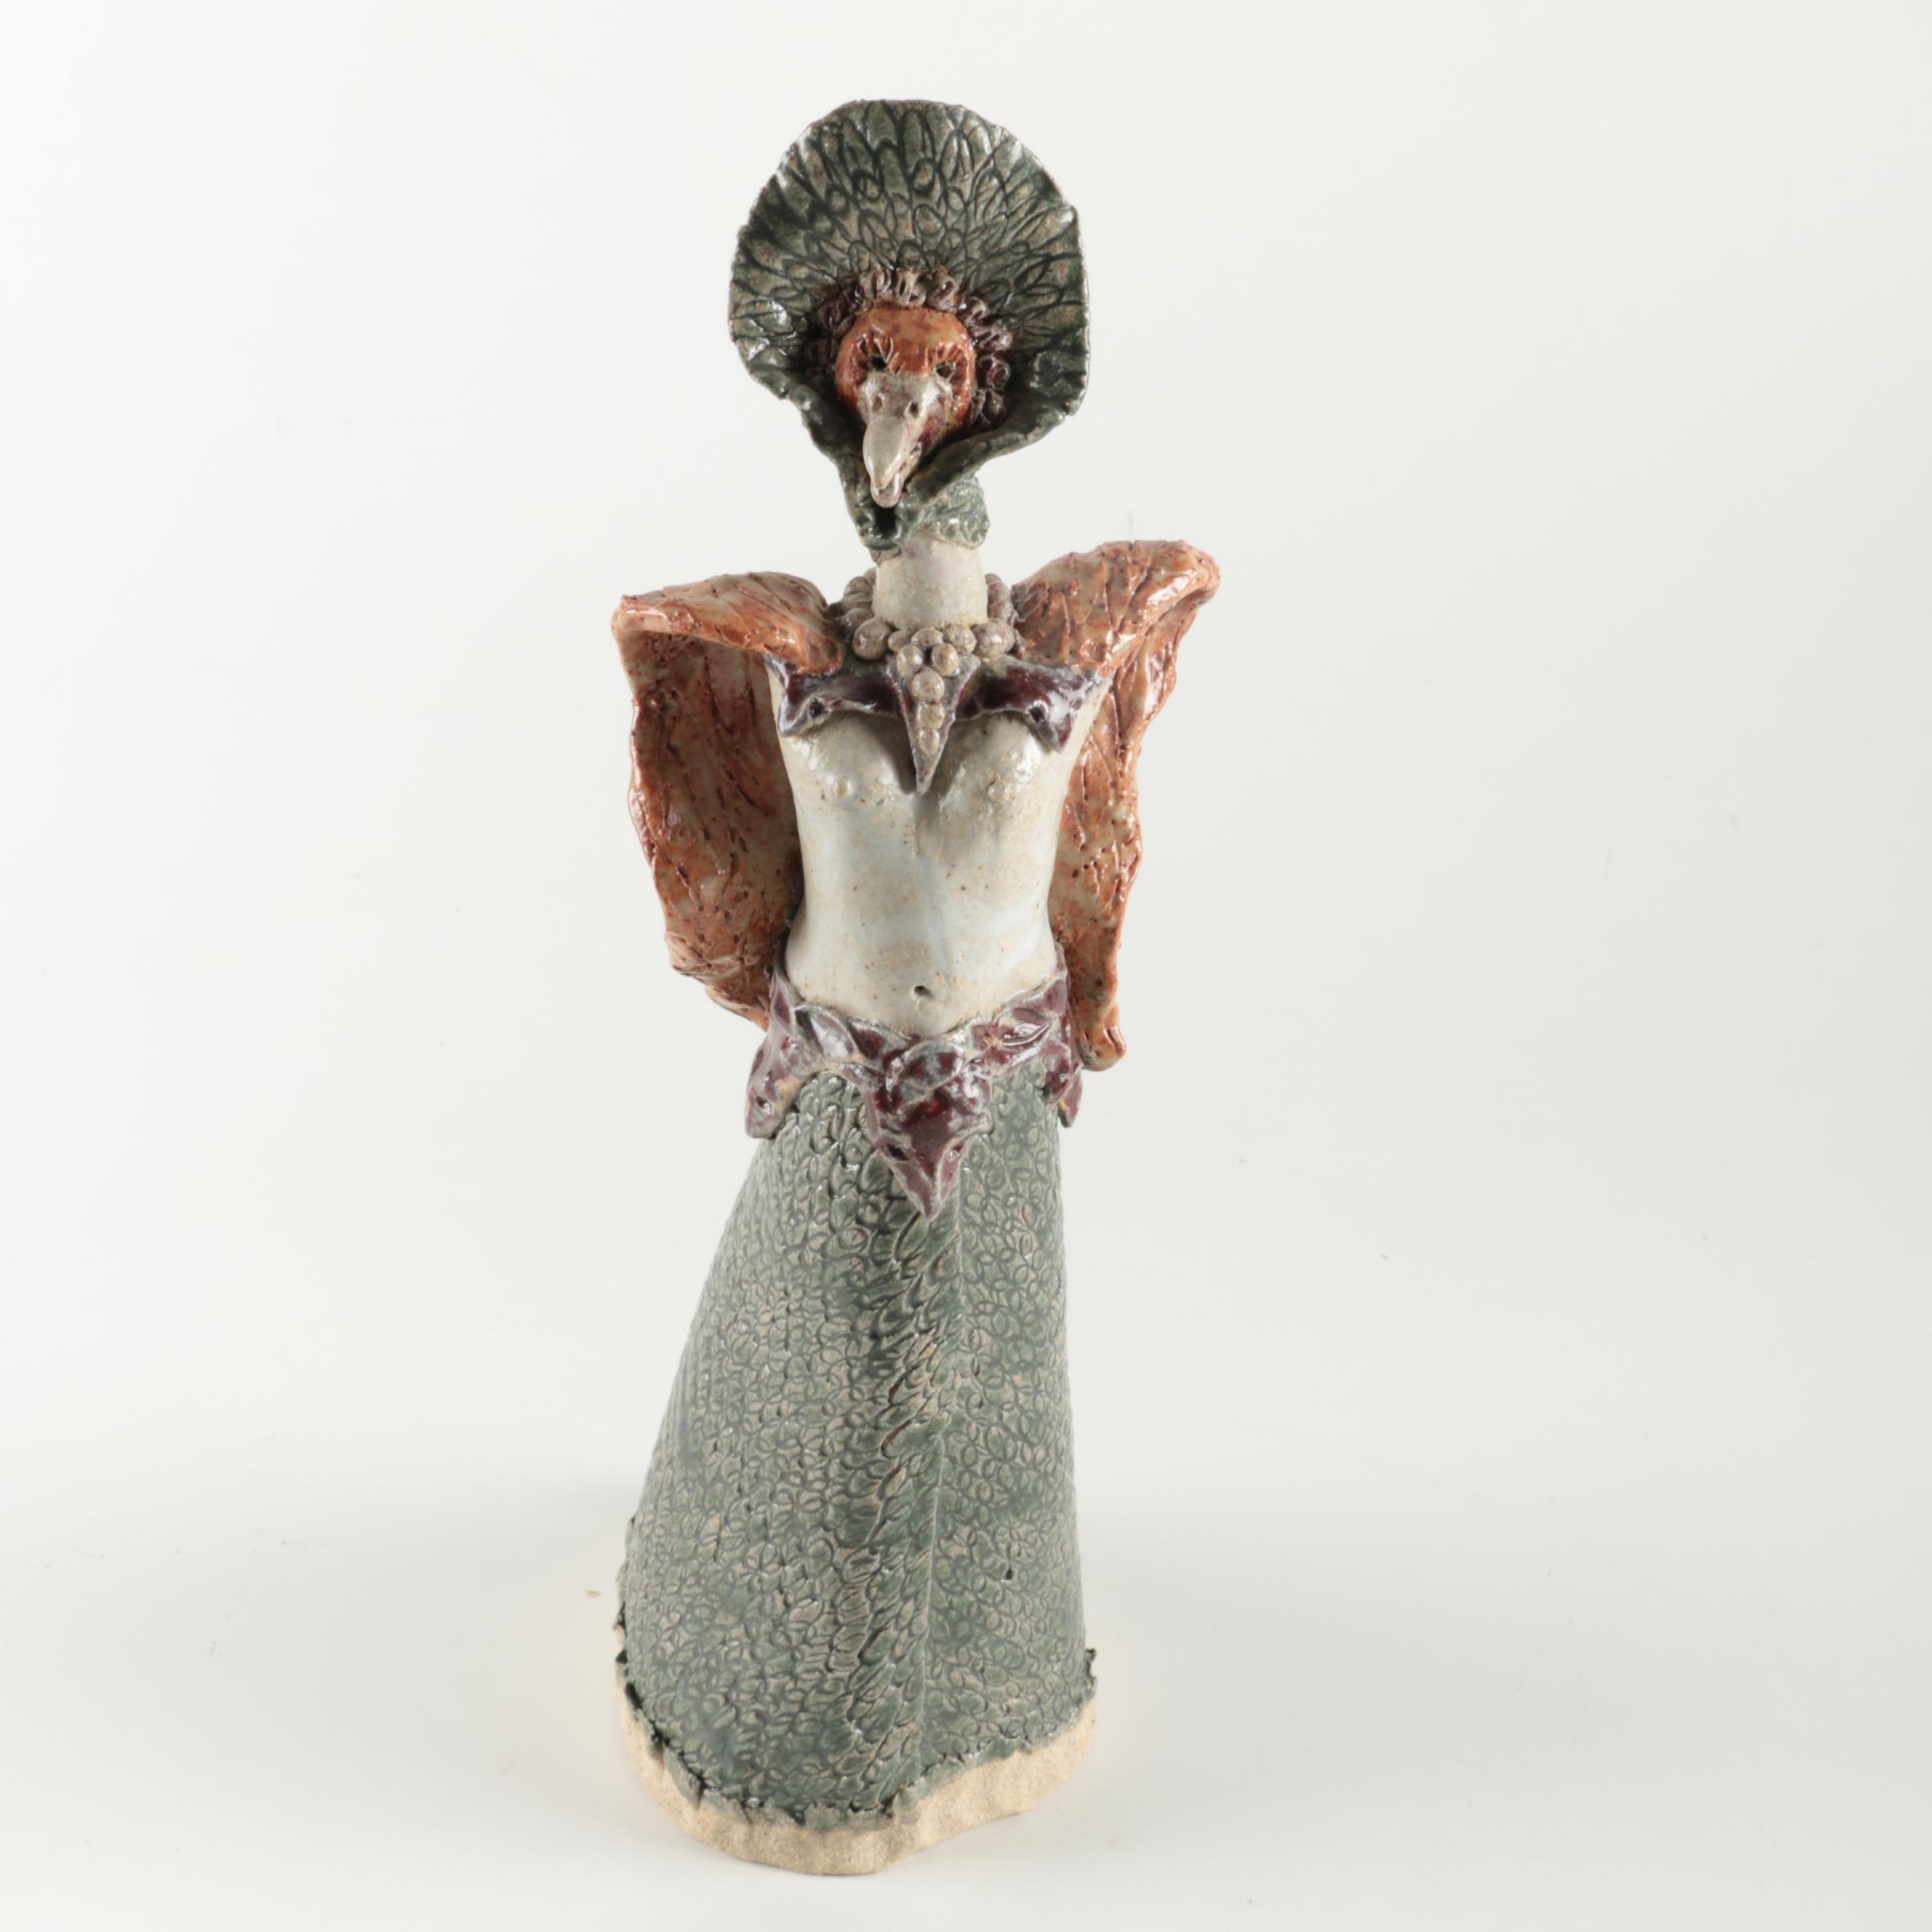 Anthrapomorphic Ceramic Bird Figure